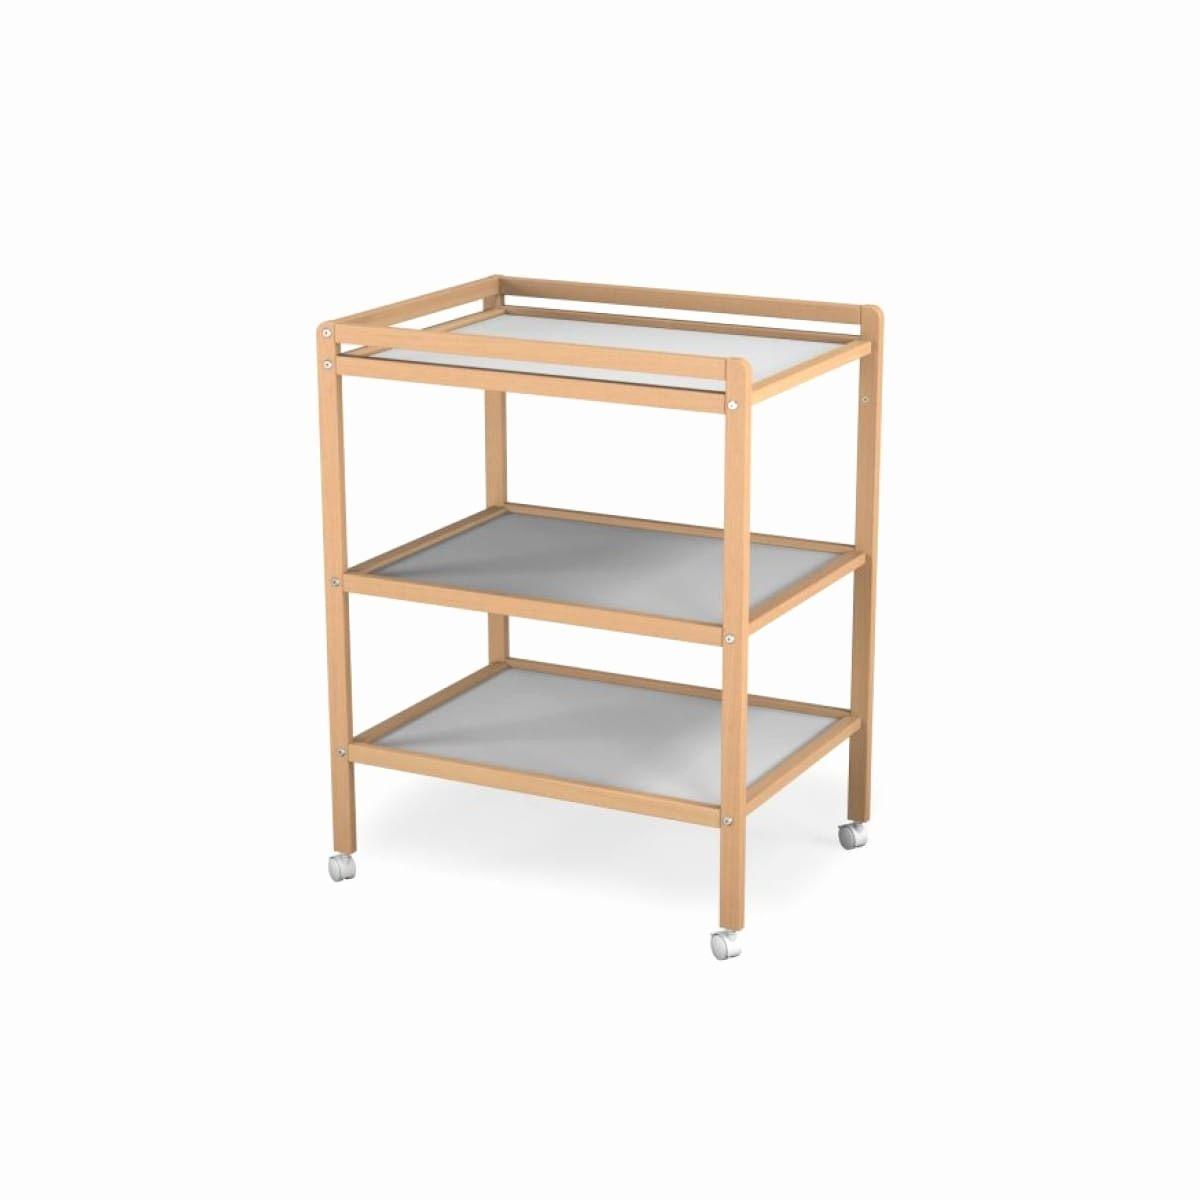 Lit D Appoint Pliant Ikea Bel Table De Lit Ikea élégant Ikea Stuva Table Langer Good Great Perfect